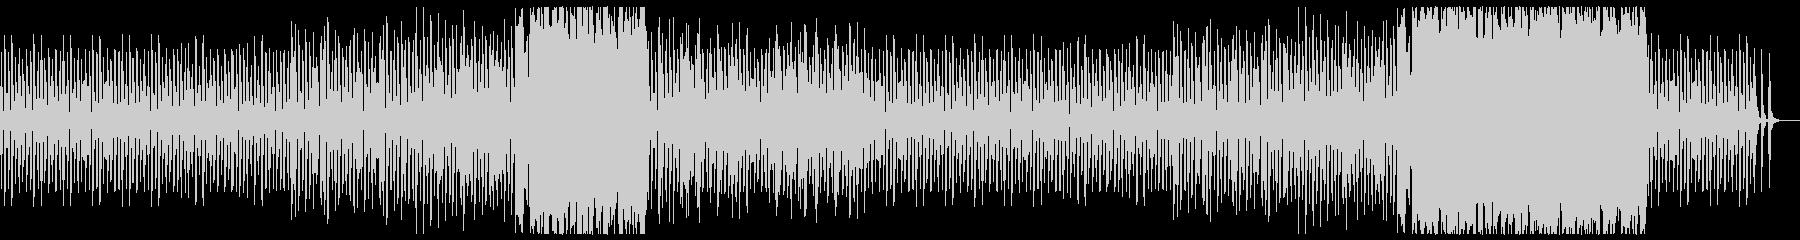 【リズム・ドラム抜き】ほのぼの軽快ファ…の未再生の波形